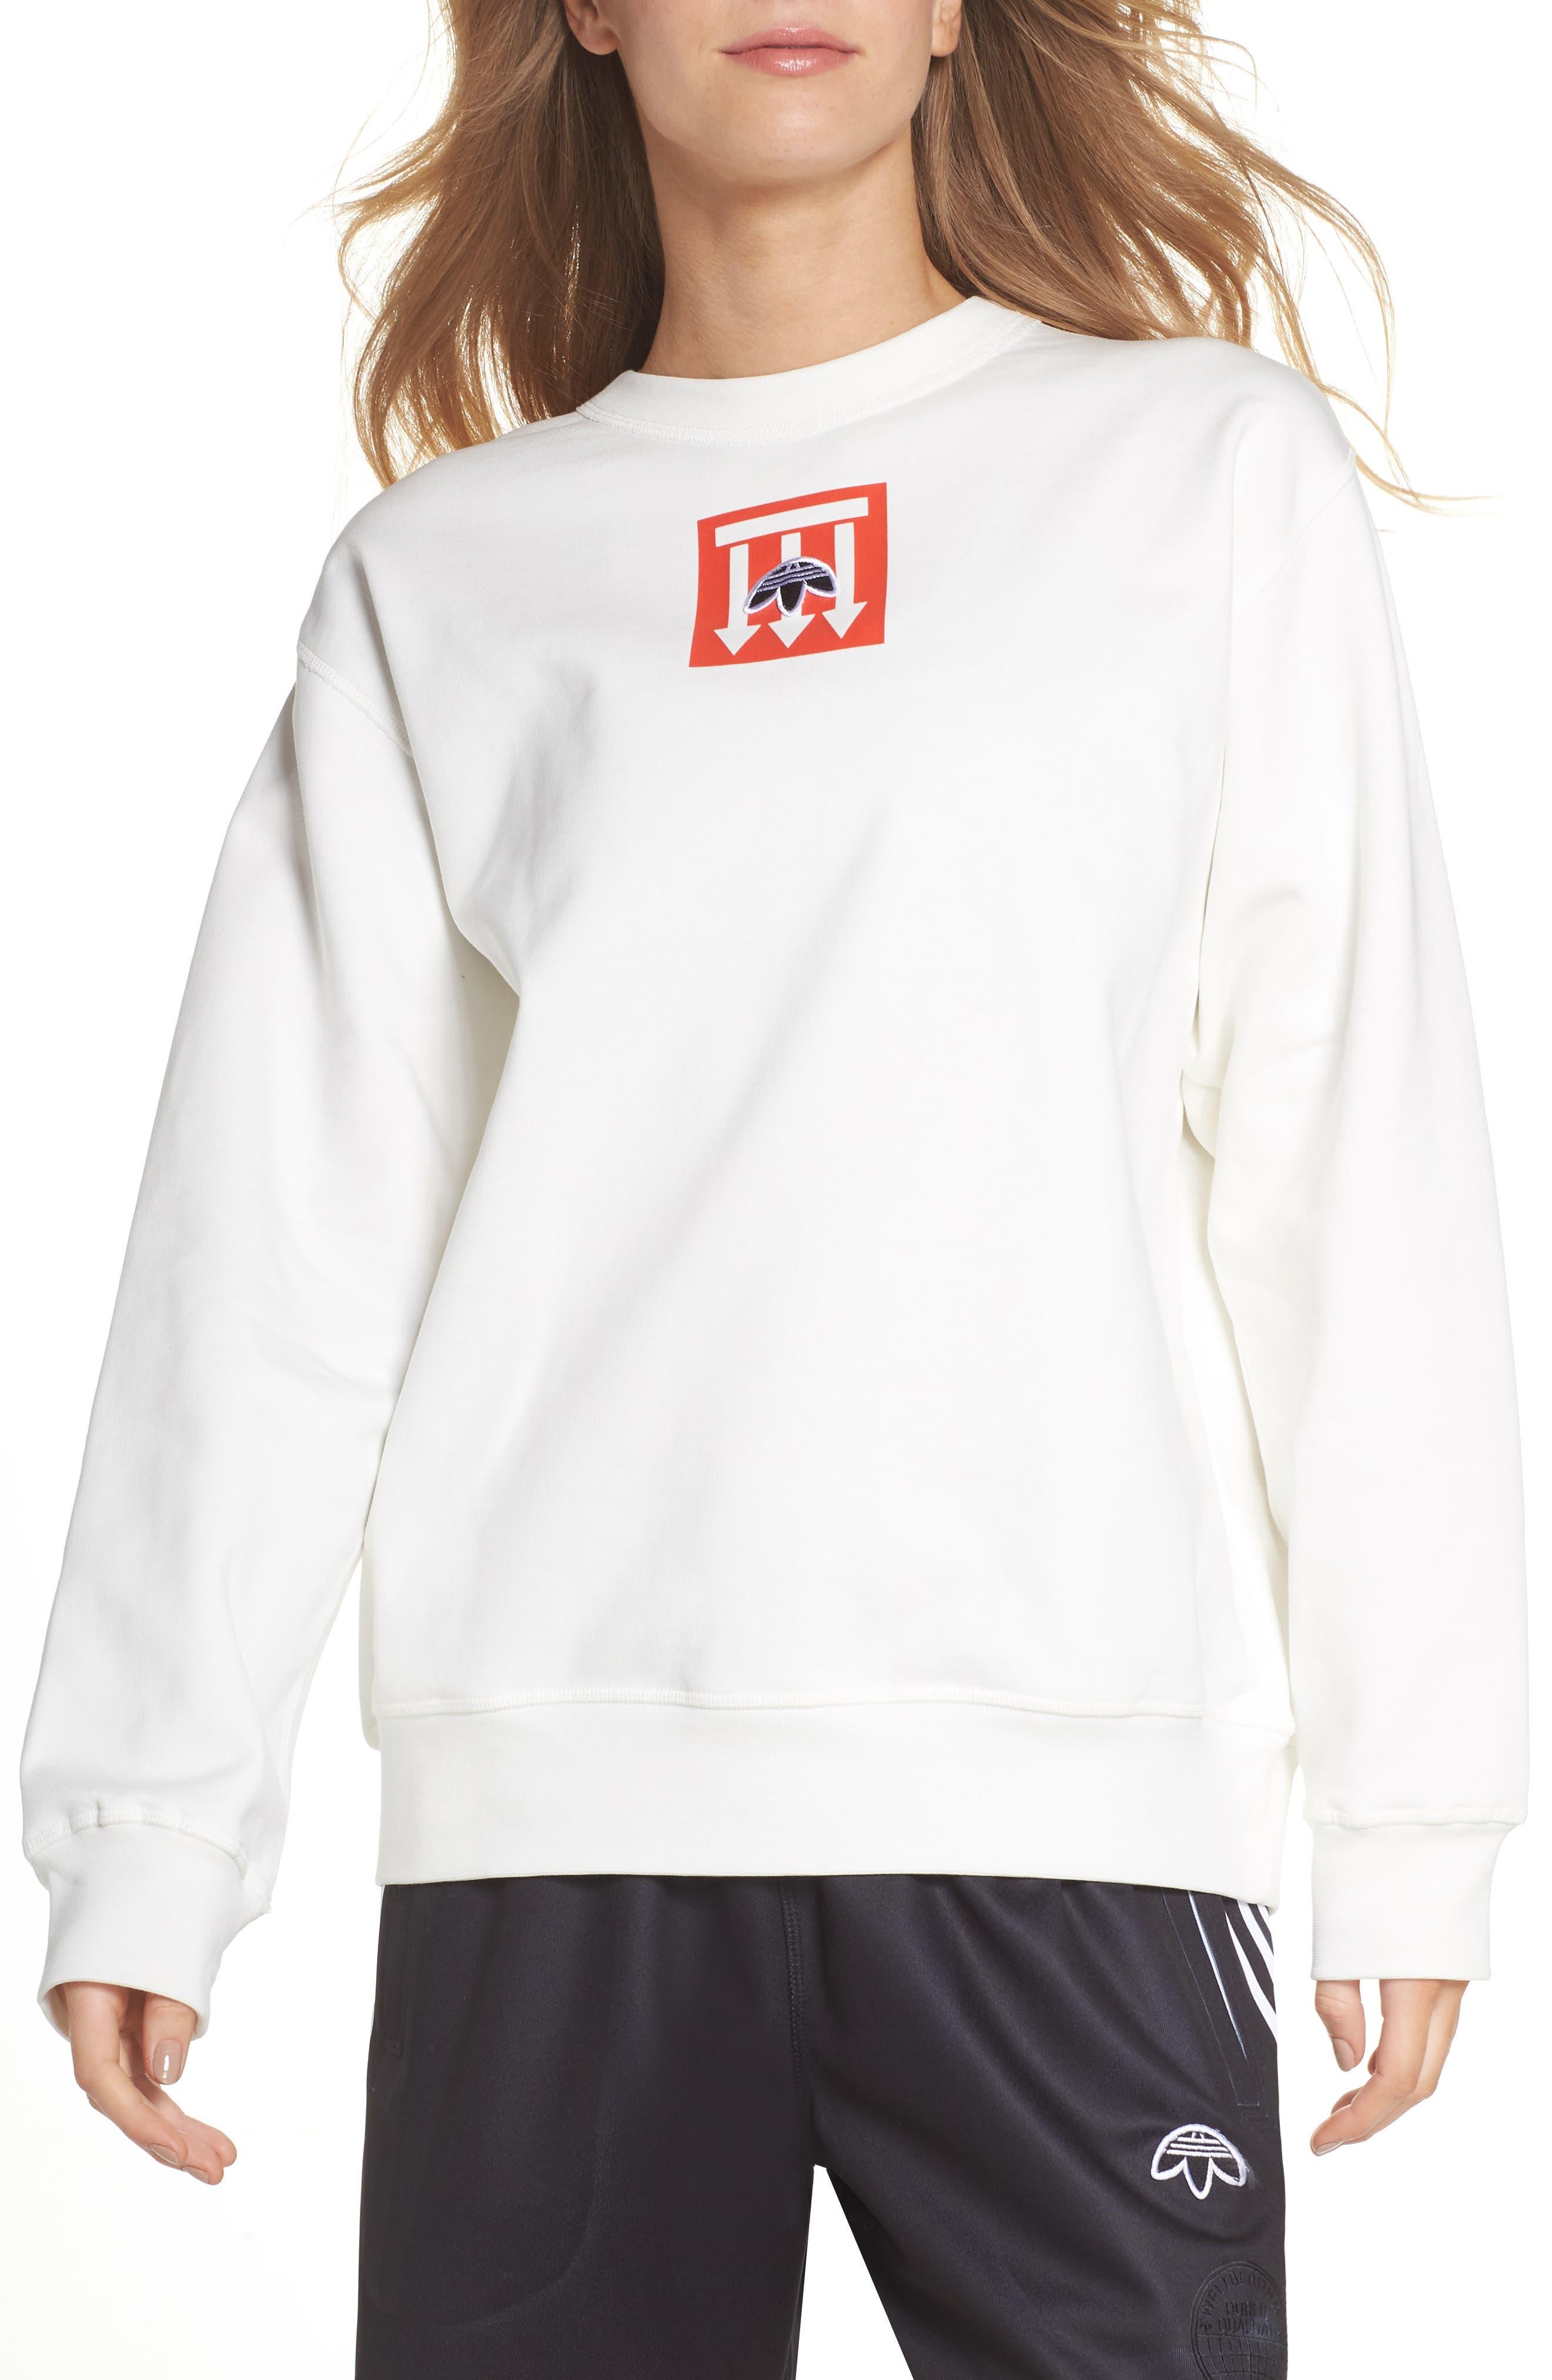 adidas x Alexander Wang Graphite Sweatshirt,                             Main thumbnail 1, color,                             900